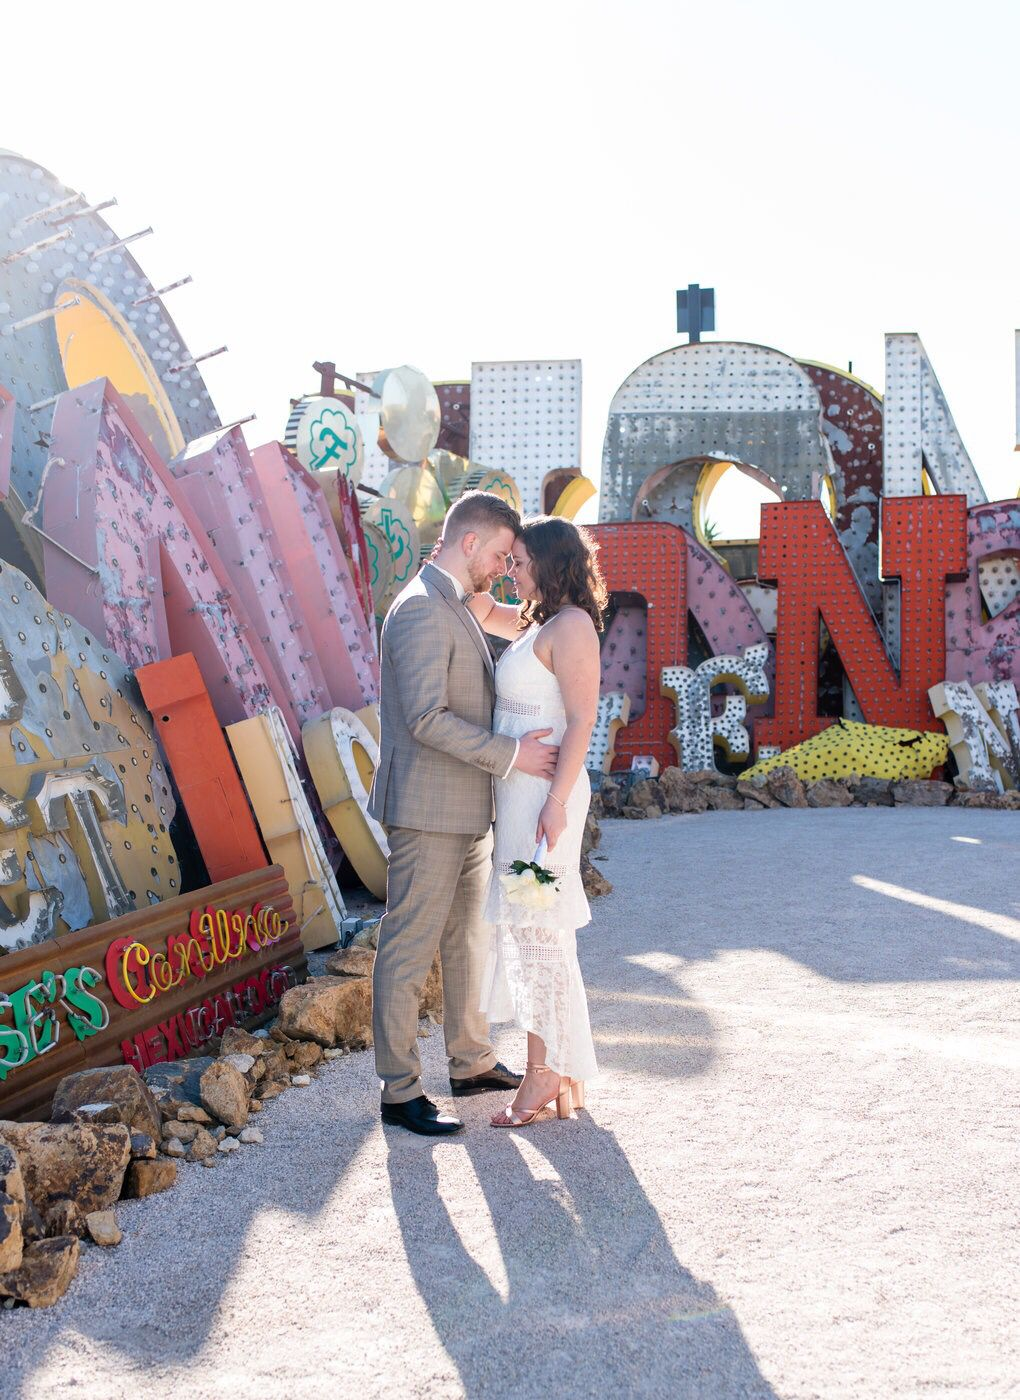 Vegas neon married elope lasvegas vegashotography